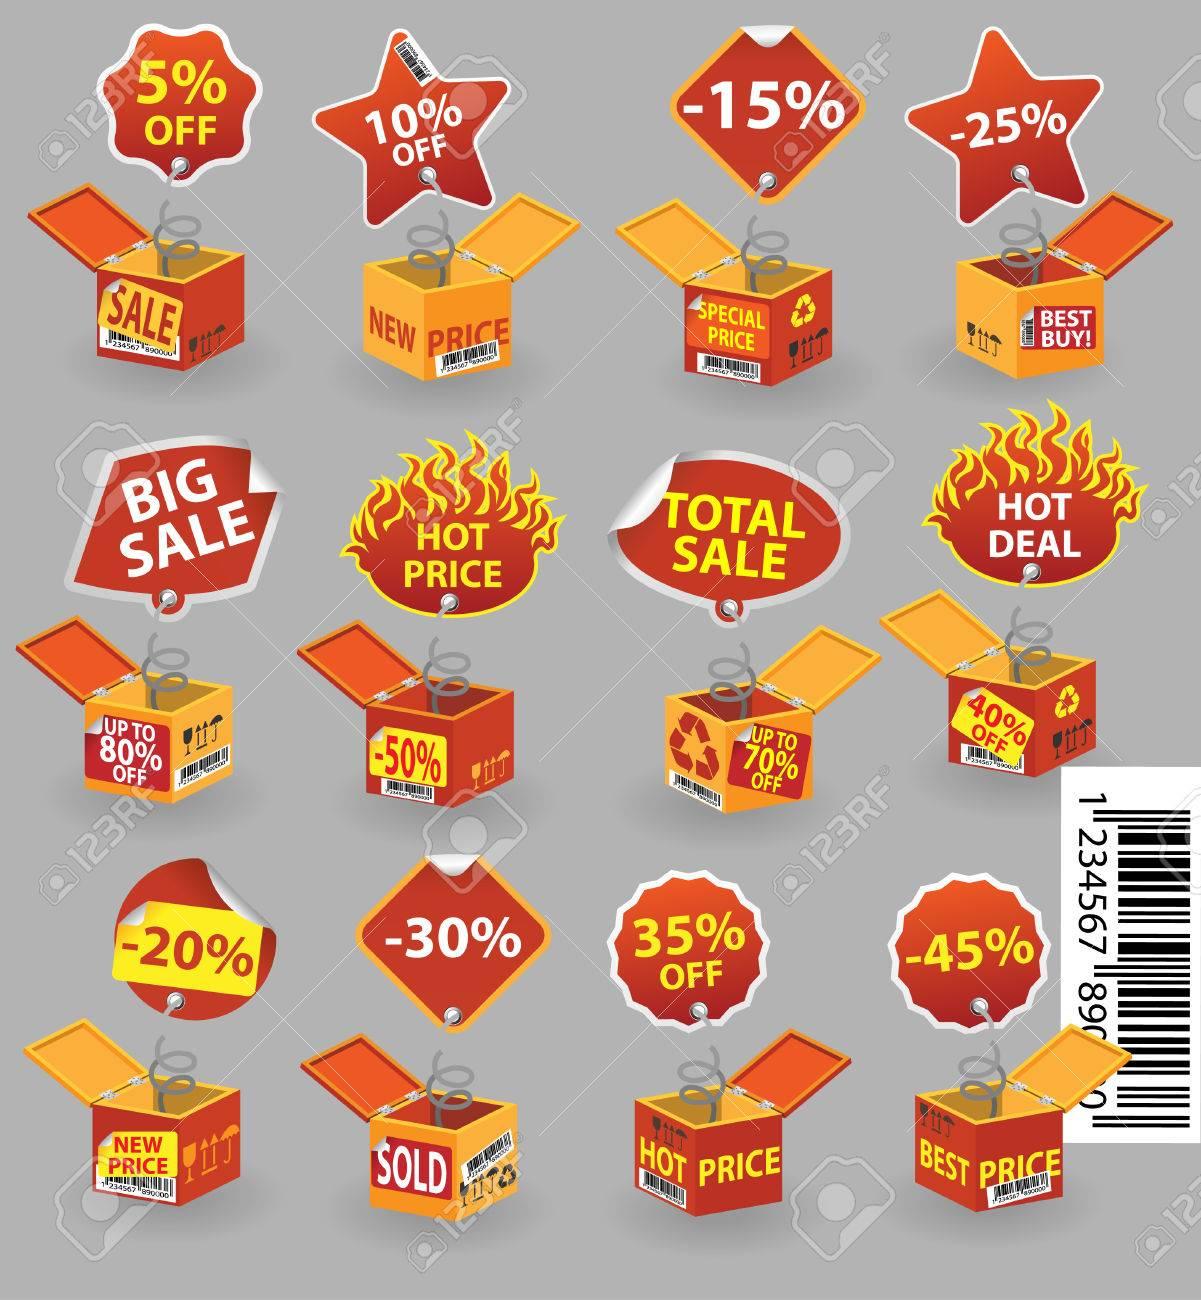 Price box #2 Stock Vector - 9044515